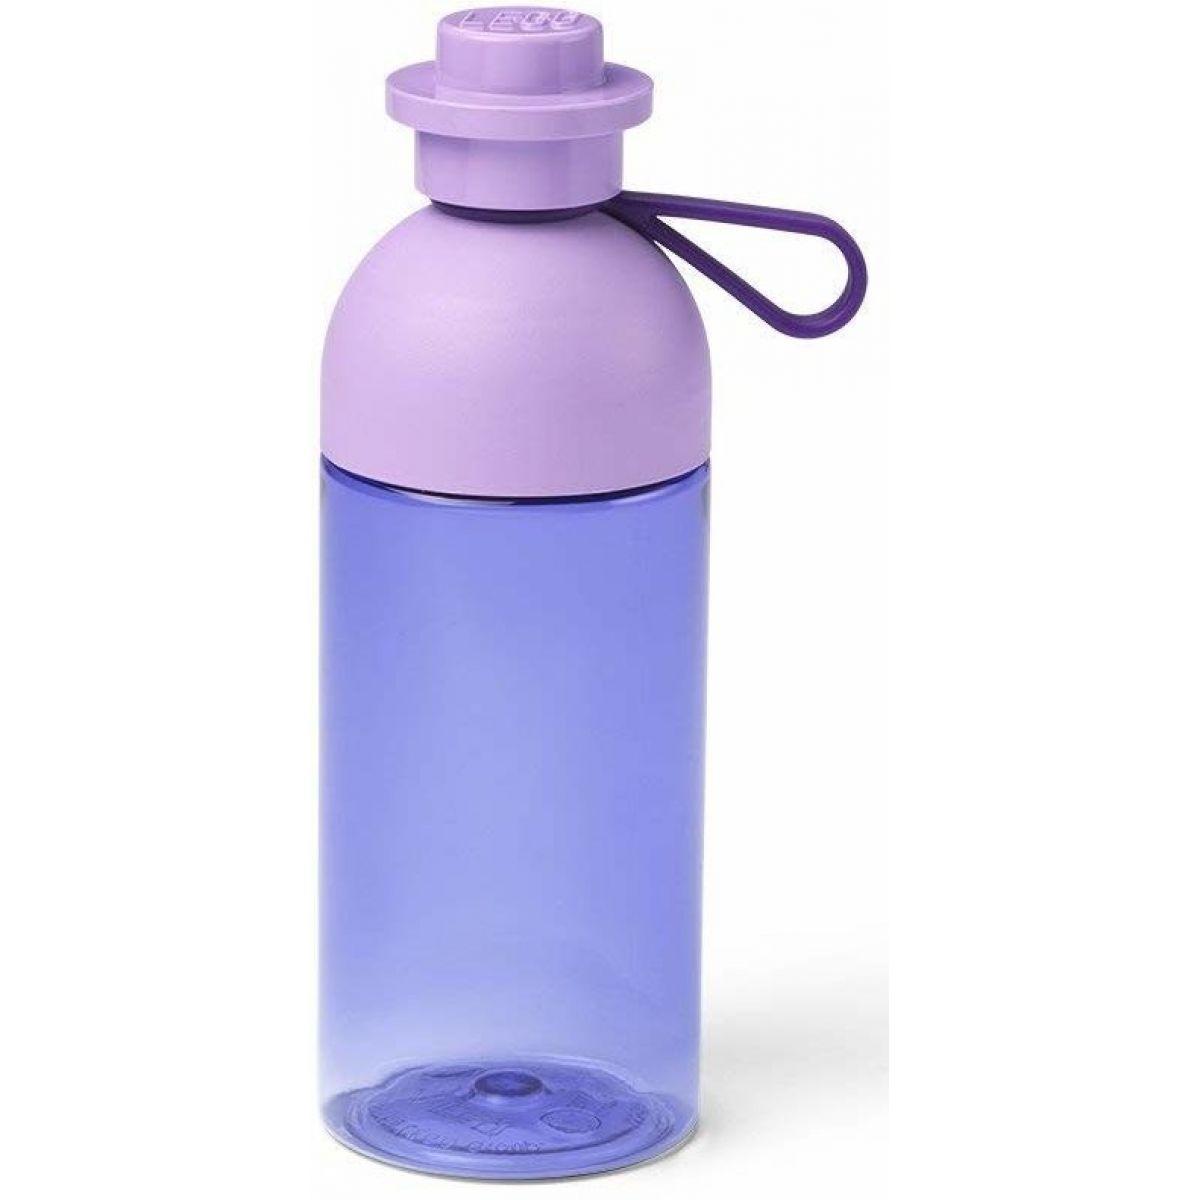 LEGO fľaša  transparentná fialová